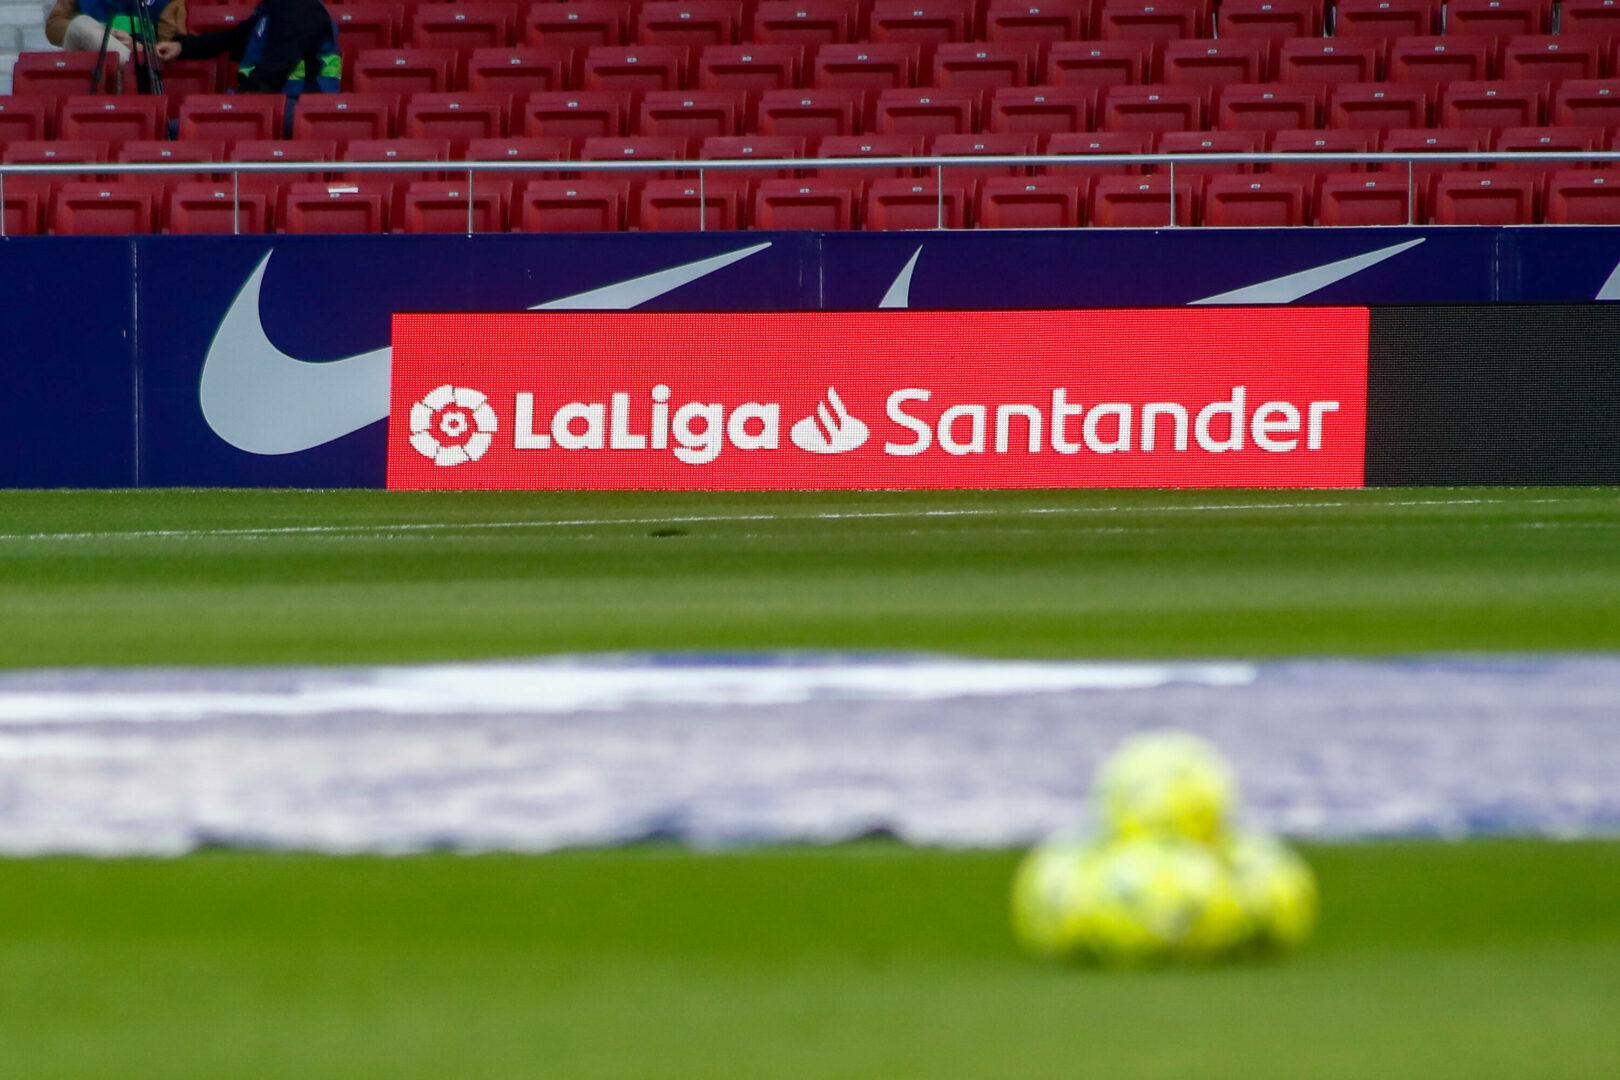 LaLiga verweigert Abstellung südamerikanischer Spieler